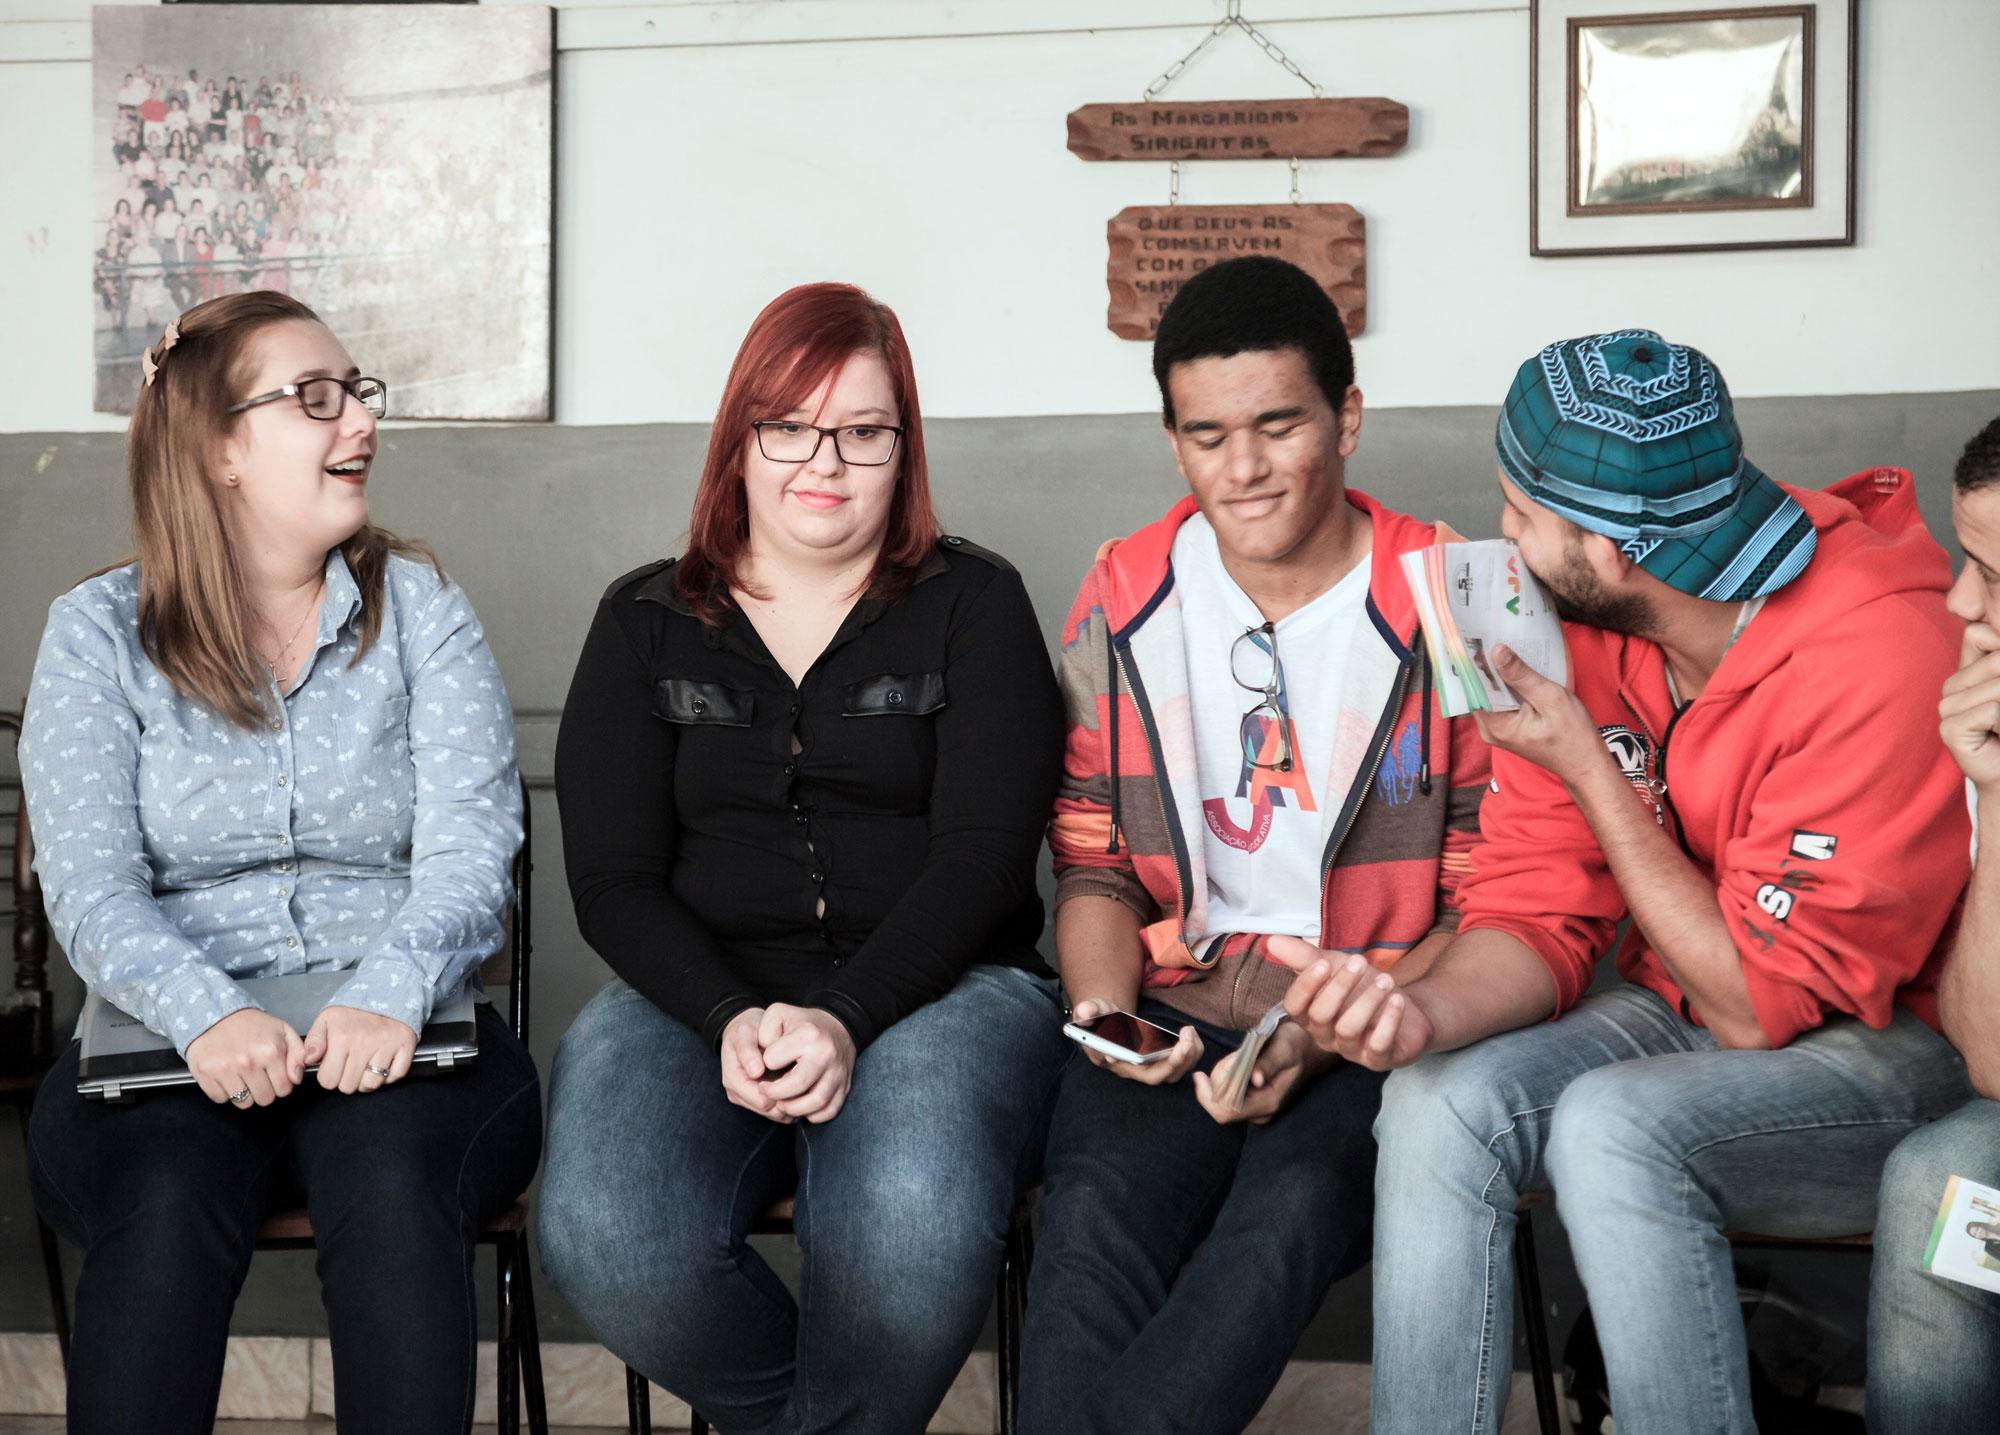 Moçada da AJA – Associação da Juventude Ativa – sempre presentes (Kauan Alves Talarico, Juliana Negruzzi, Aline Magalhães, Ronaldo Henrique do Monte, Leonardo Augusto Bernardo).